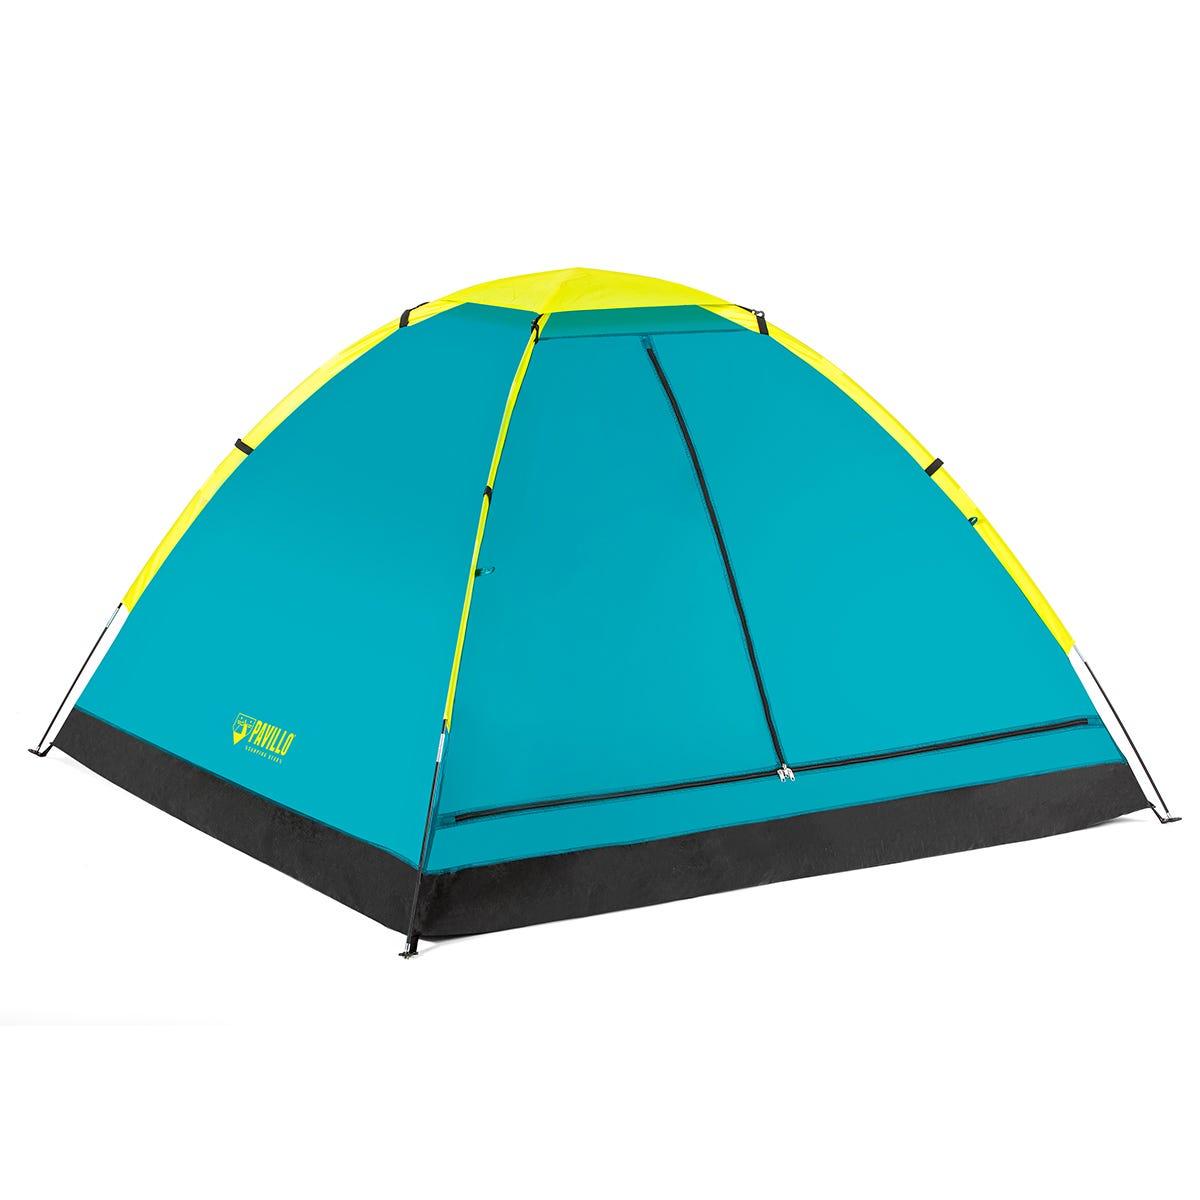 Pavillo Cooldome 3 Person Tent - 2.10 x 2.10 x 1.30m